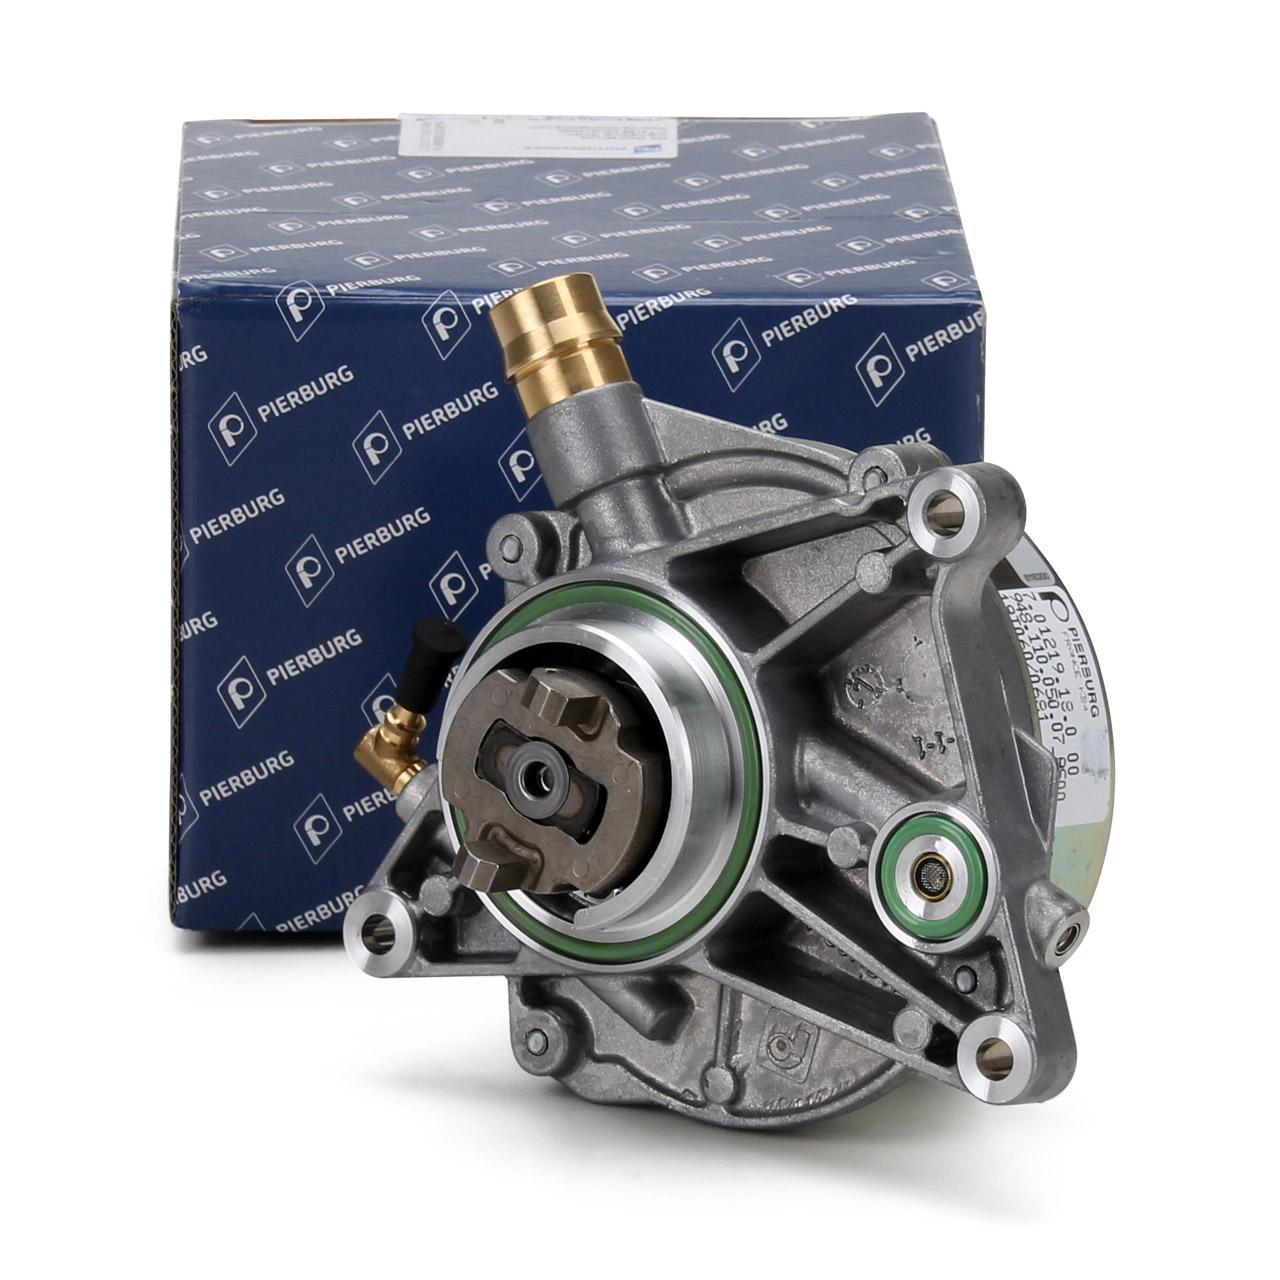 PIERBURG Unterdruckpumpe Bremsanlage für PORSCHE CAYENNE 92A PANAMERA 970 4.8